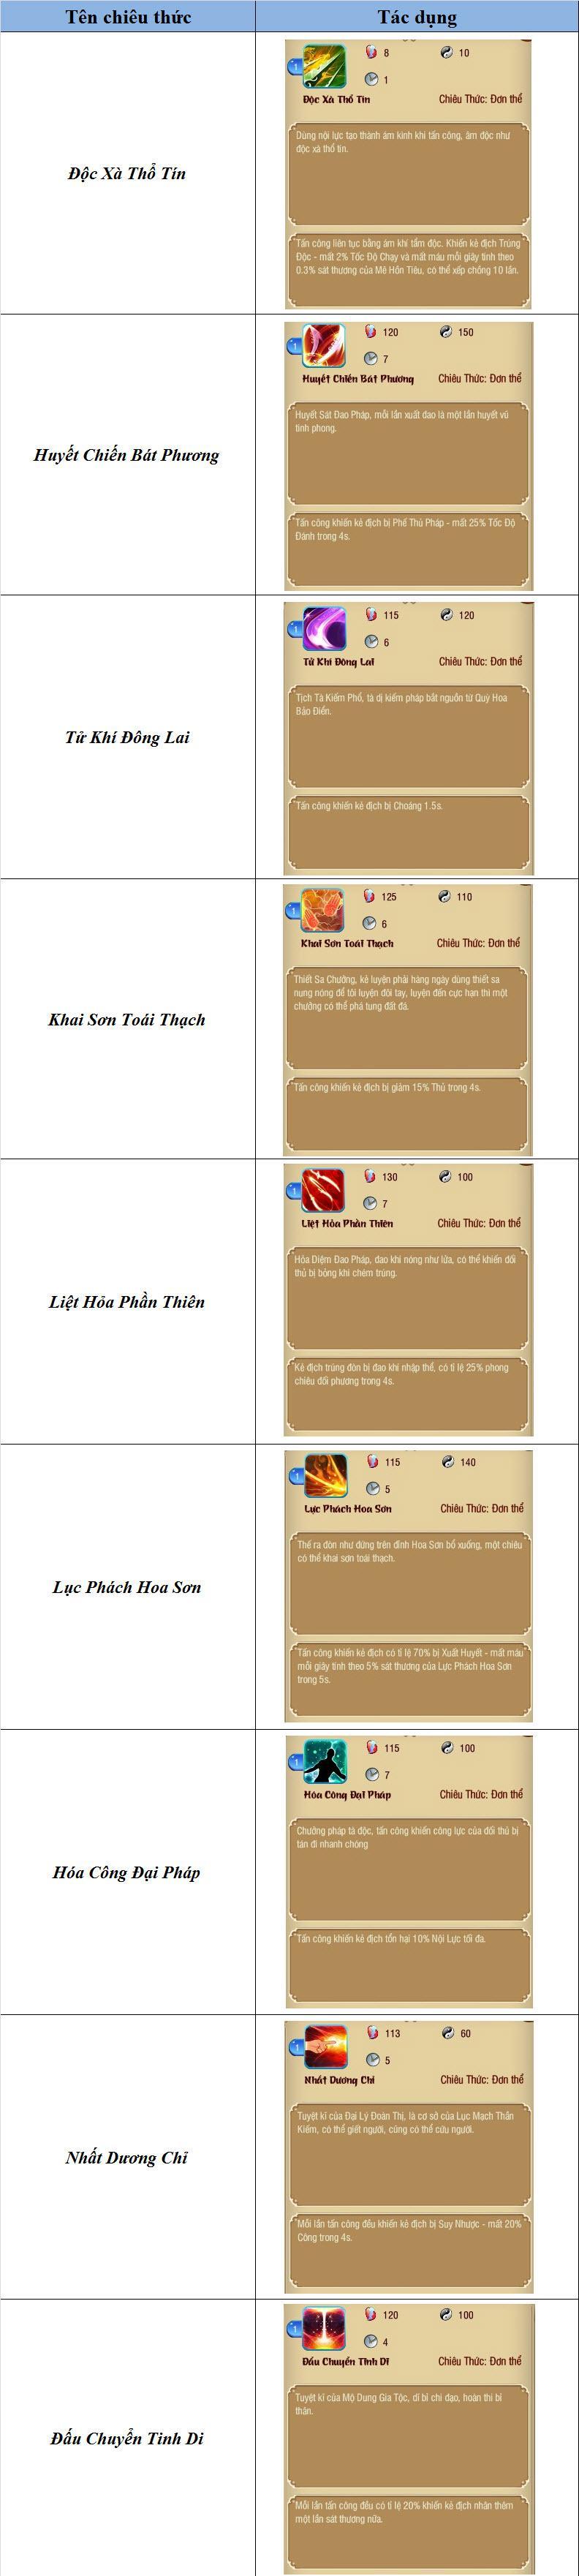 Giới Thiệu Chiêu Thức Trong Mộng Võ Lâm - Phần 1 - 4